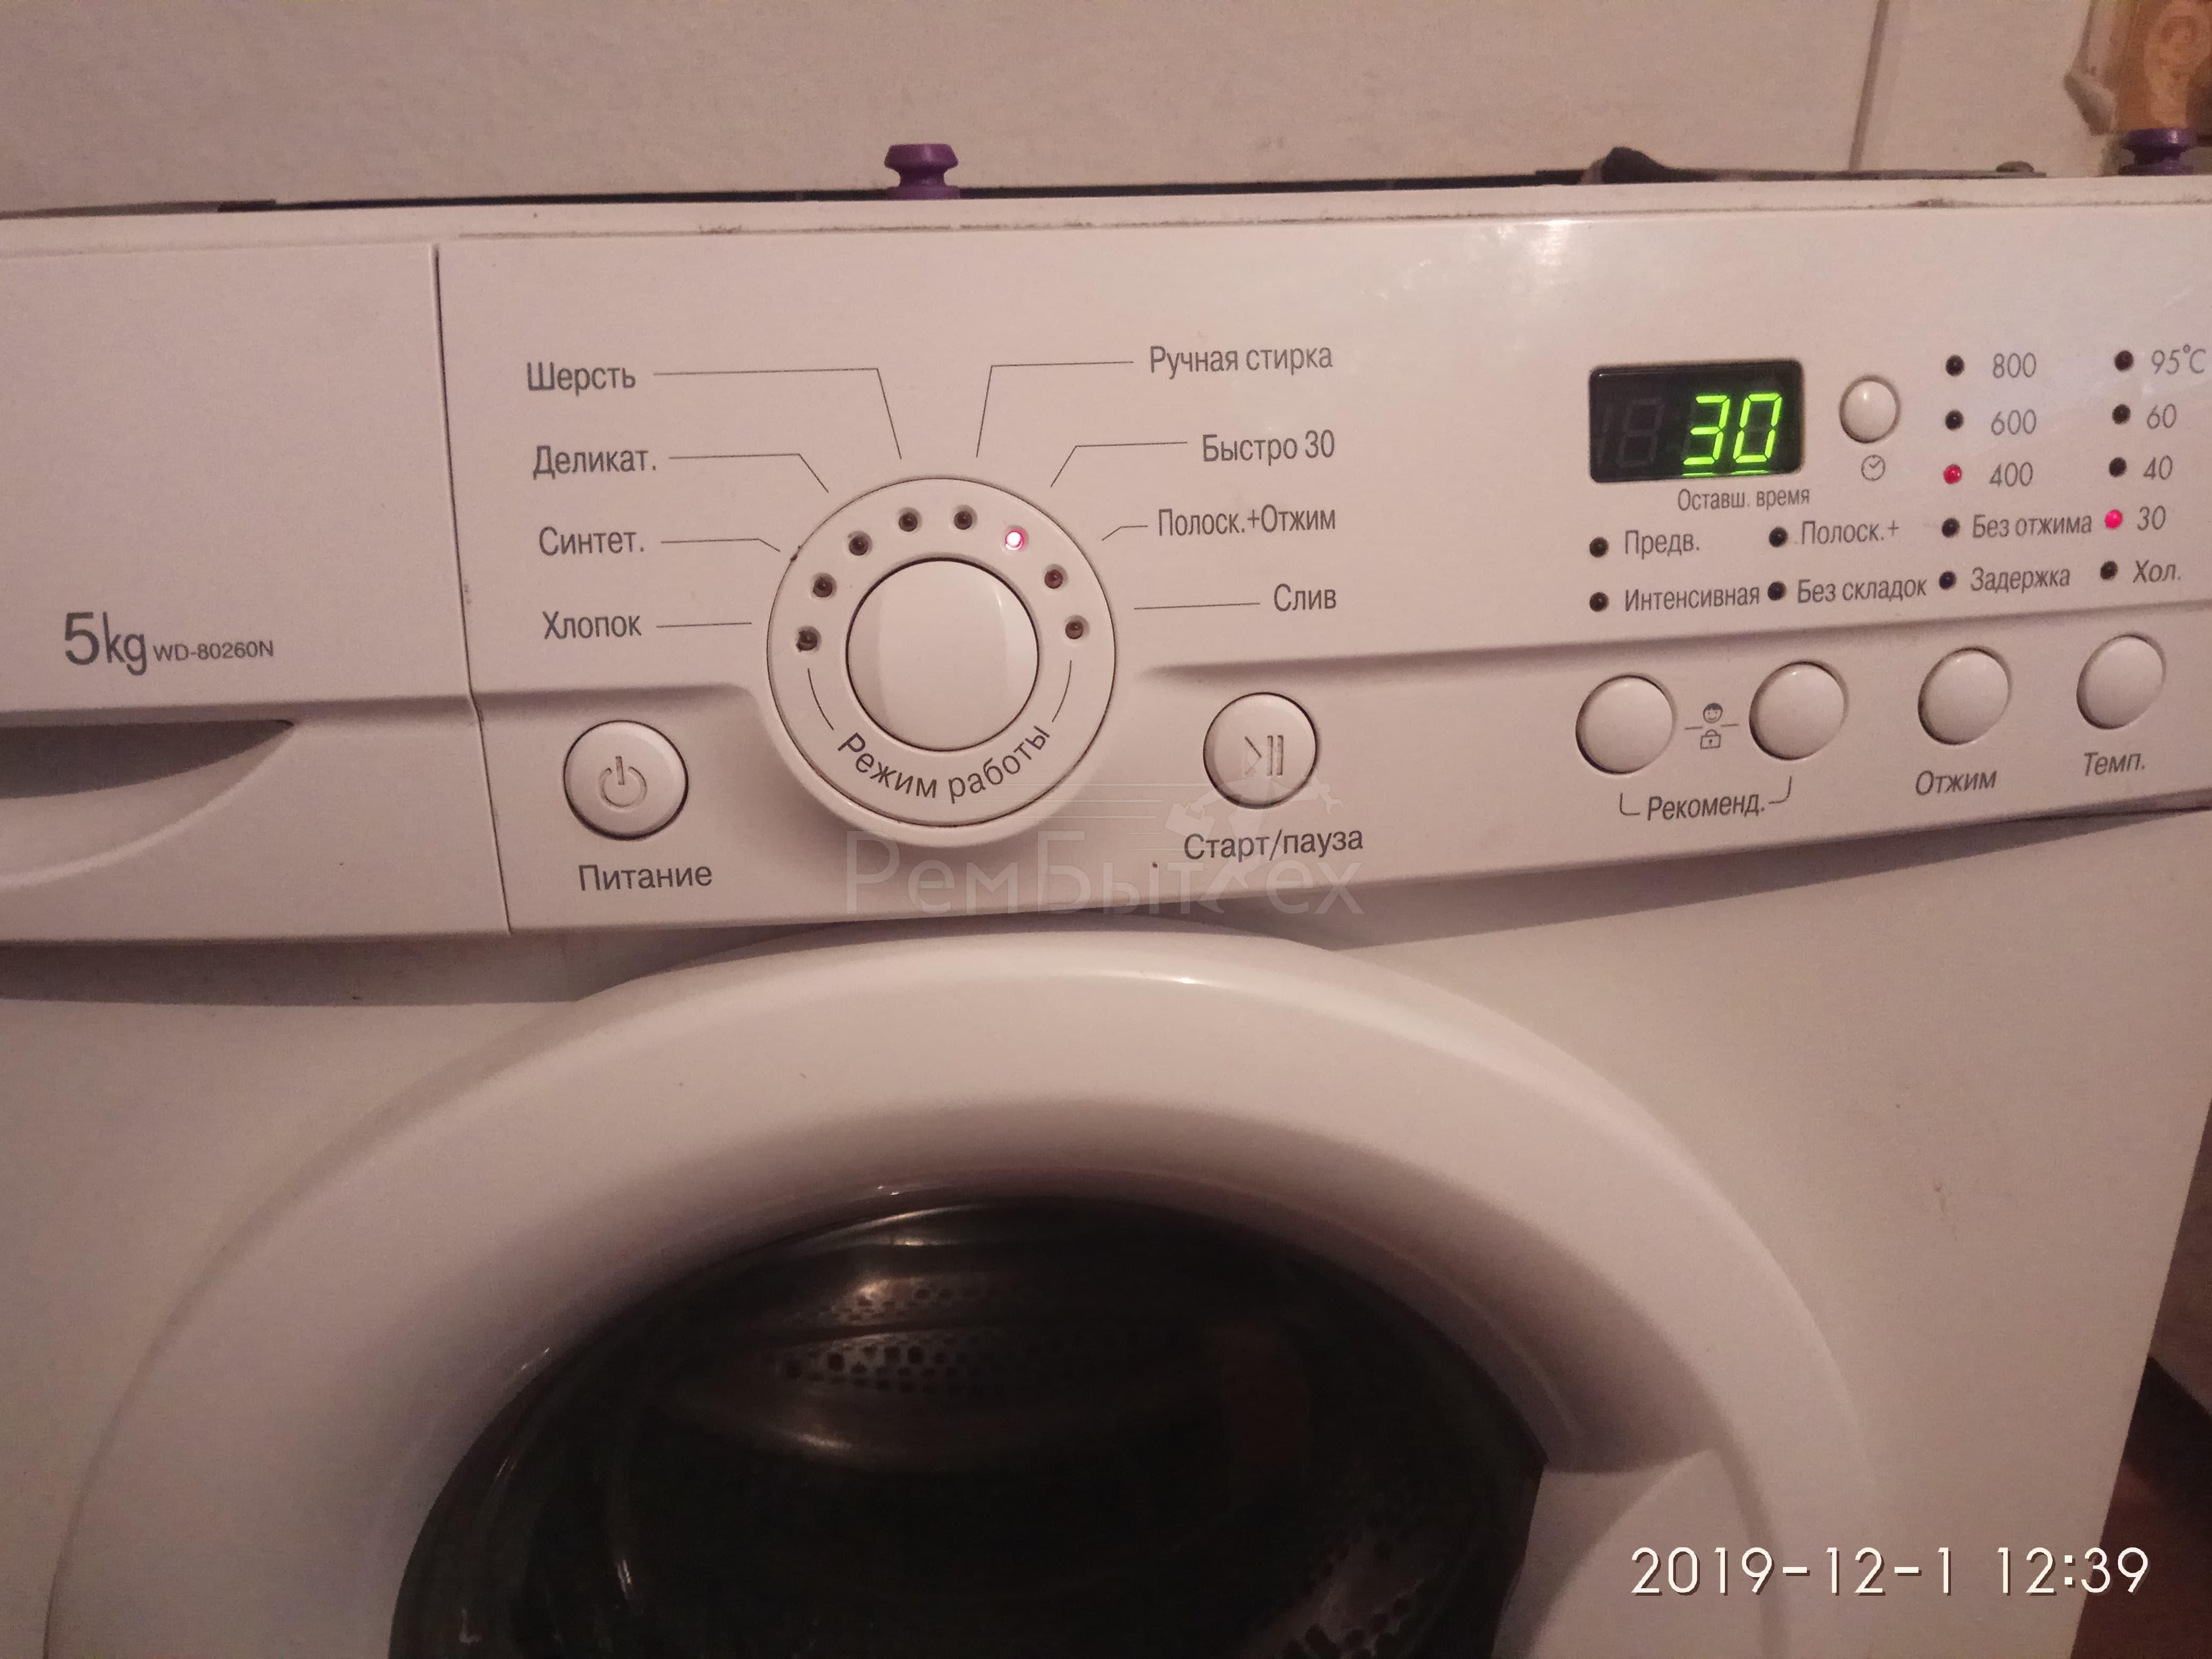 коды ошибок стиральных машин Lg полный список рембыттех